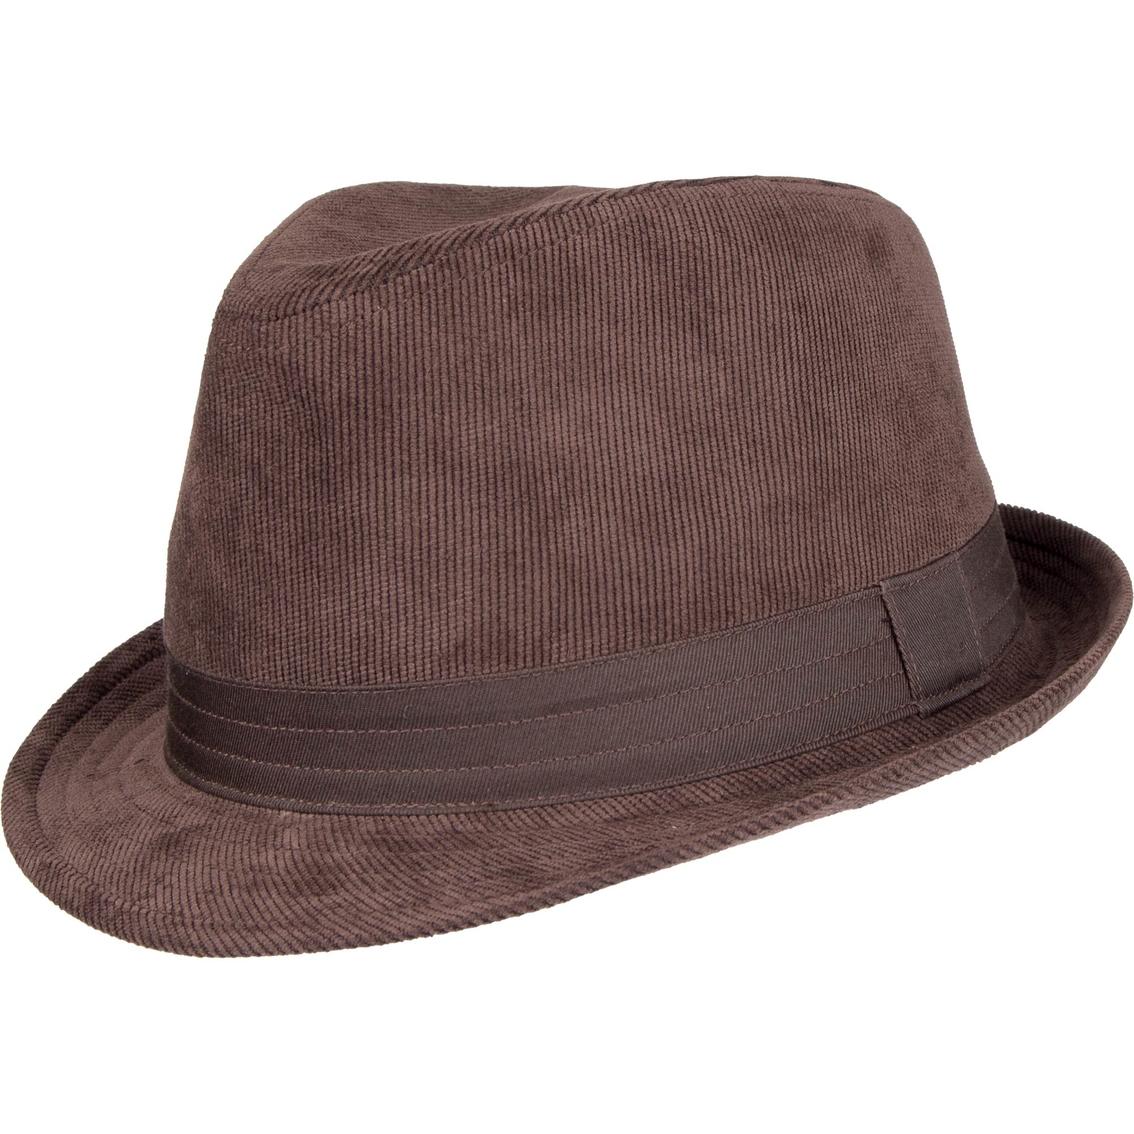 c66bb9d6a Levi's Fine Wale Corduroy Fedora | Hats | Apparel | Shop The Exchange